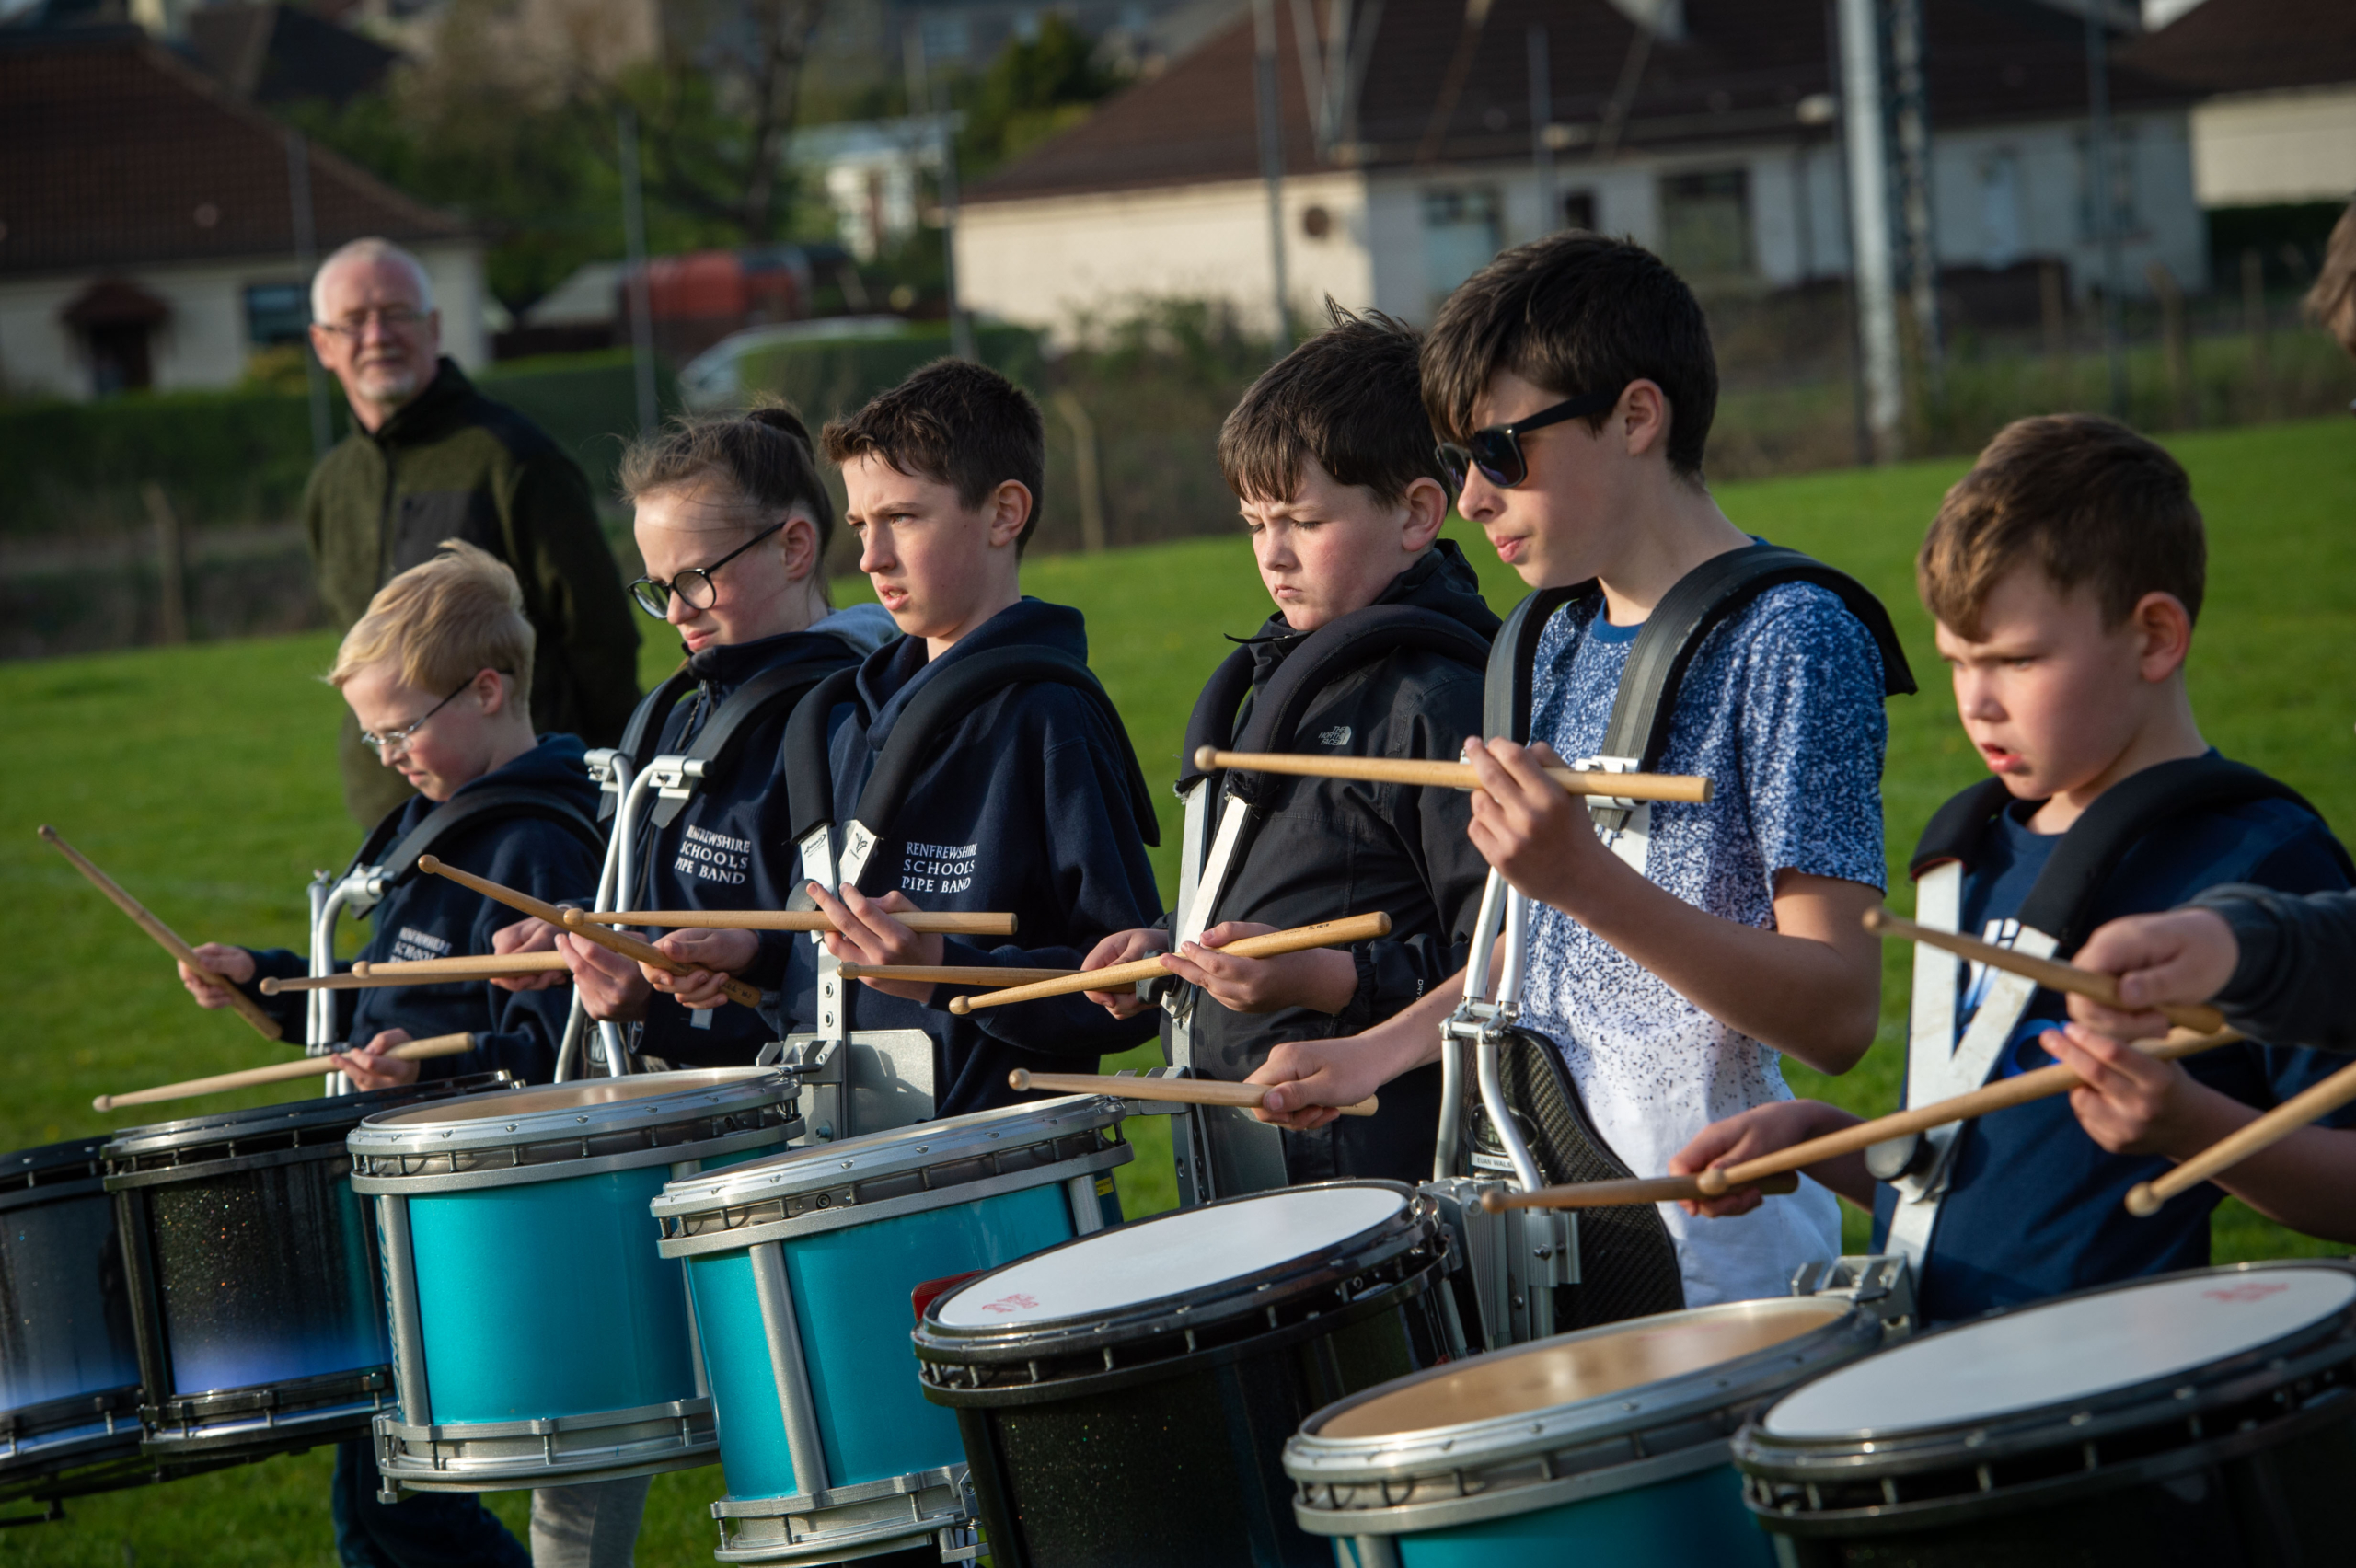 Renfrewshire Schoold Pipe Band practice 23.4.19-4585